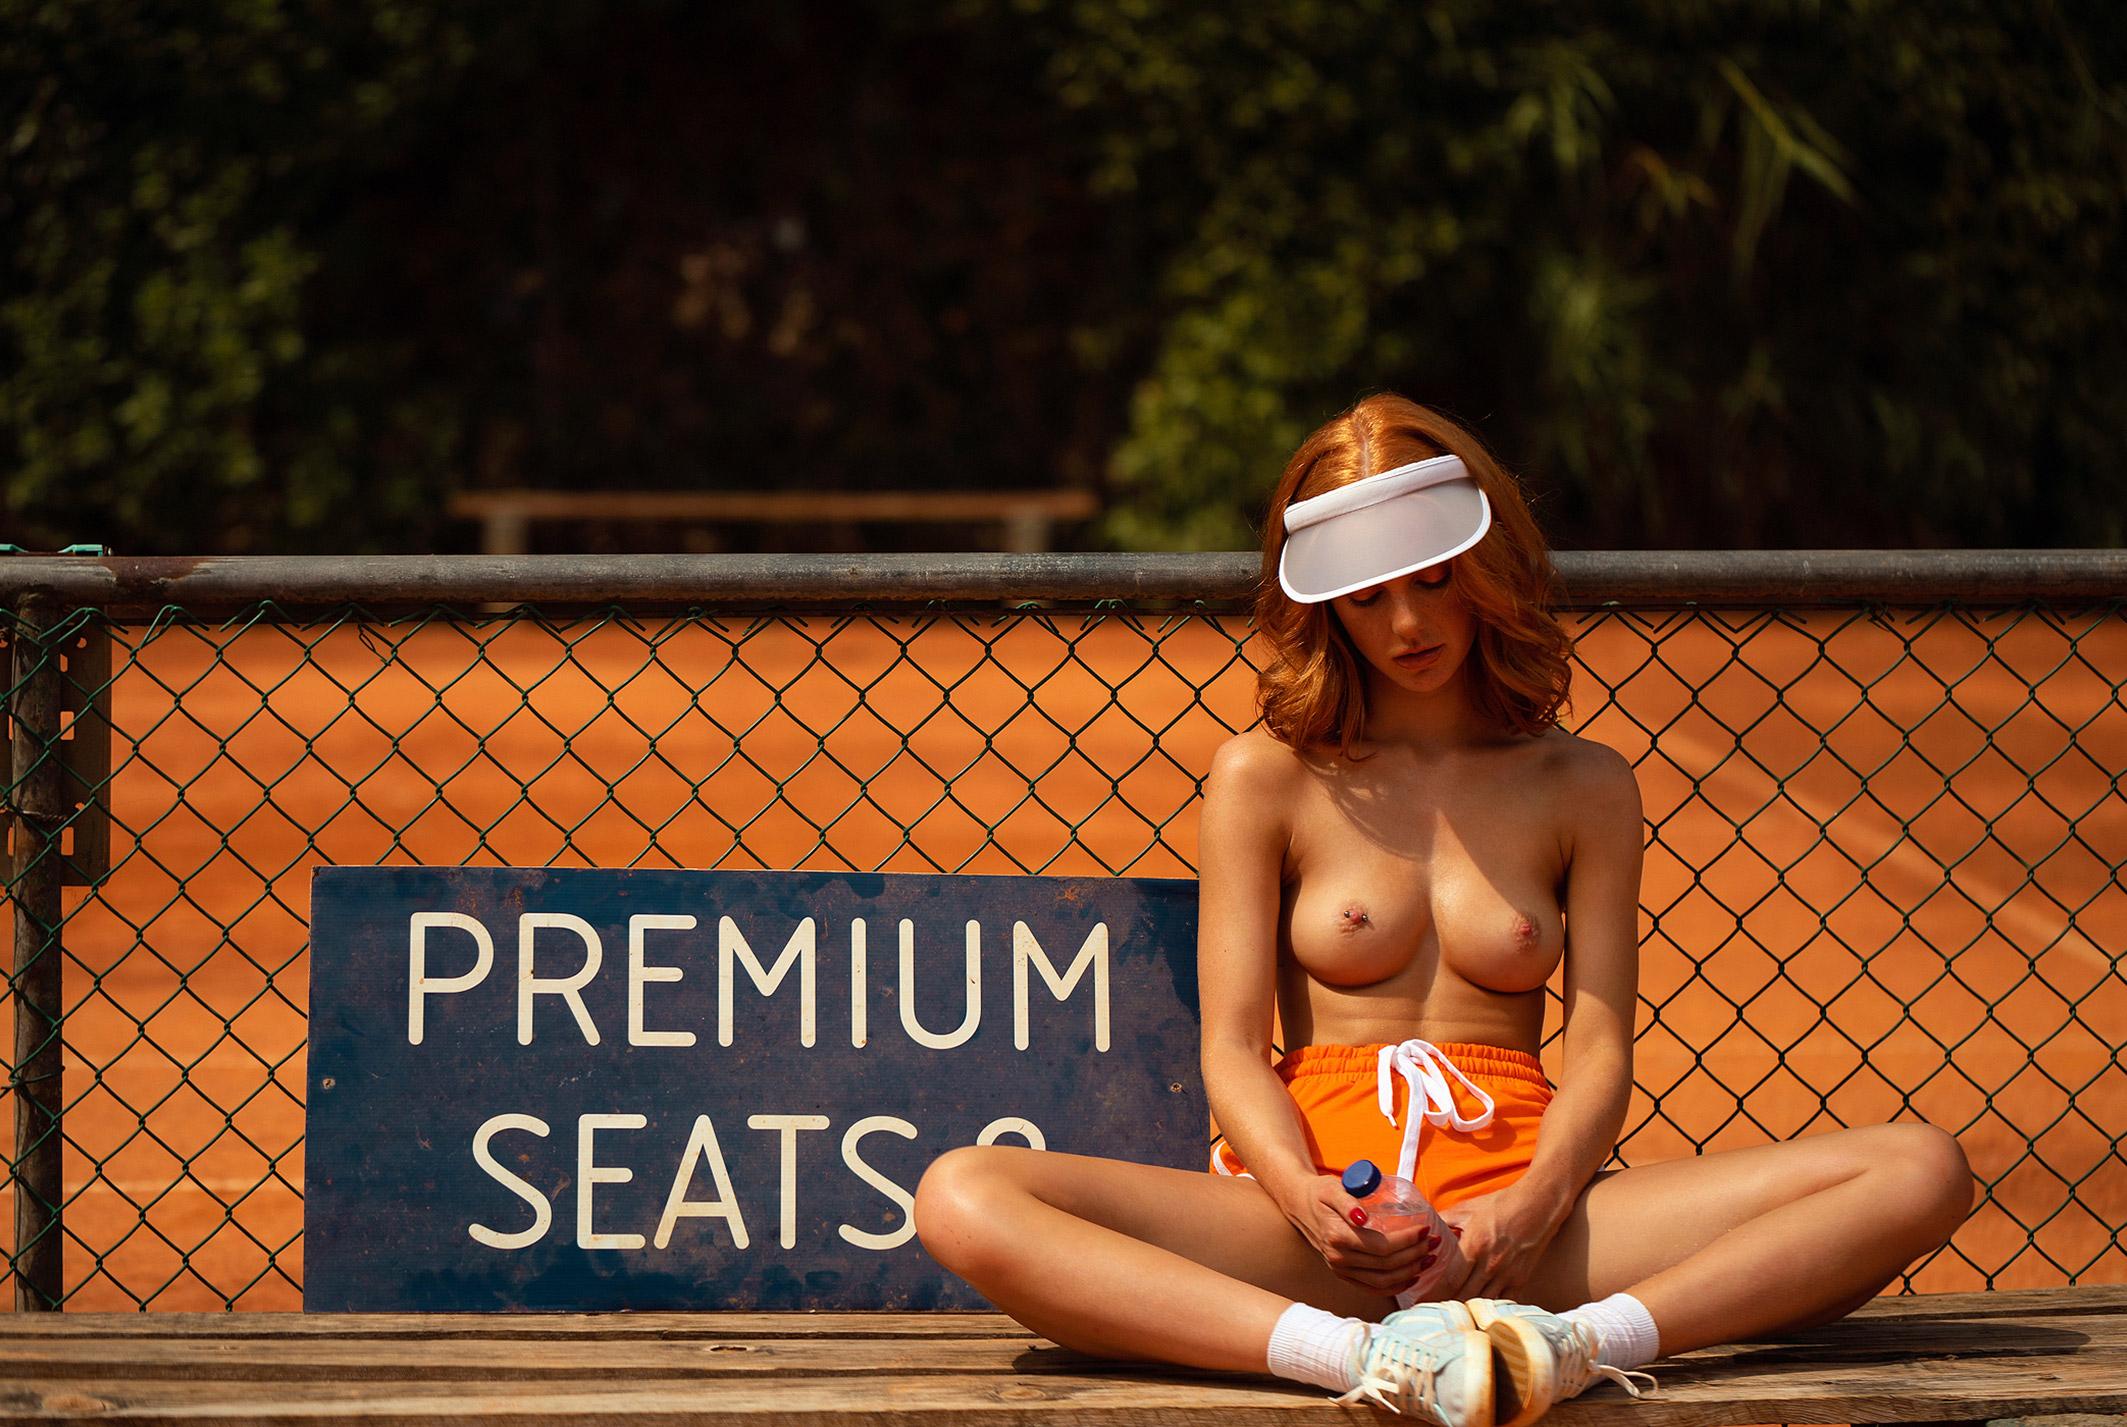 звезда голландского Playboy Свенья ван дер Богарт голая играет в теннис / фото 36